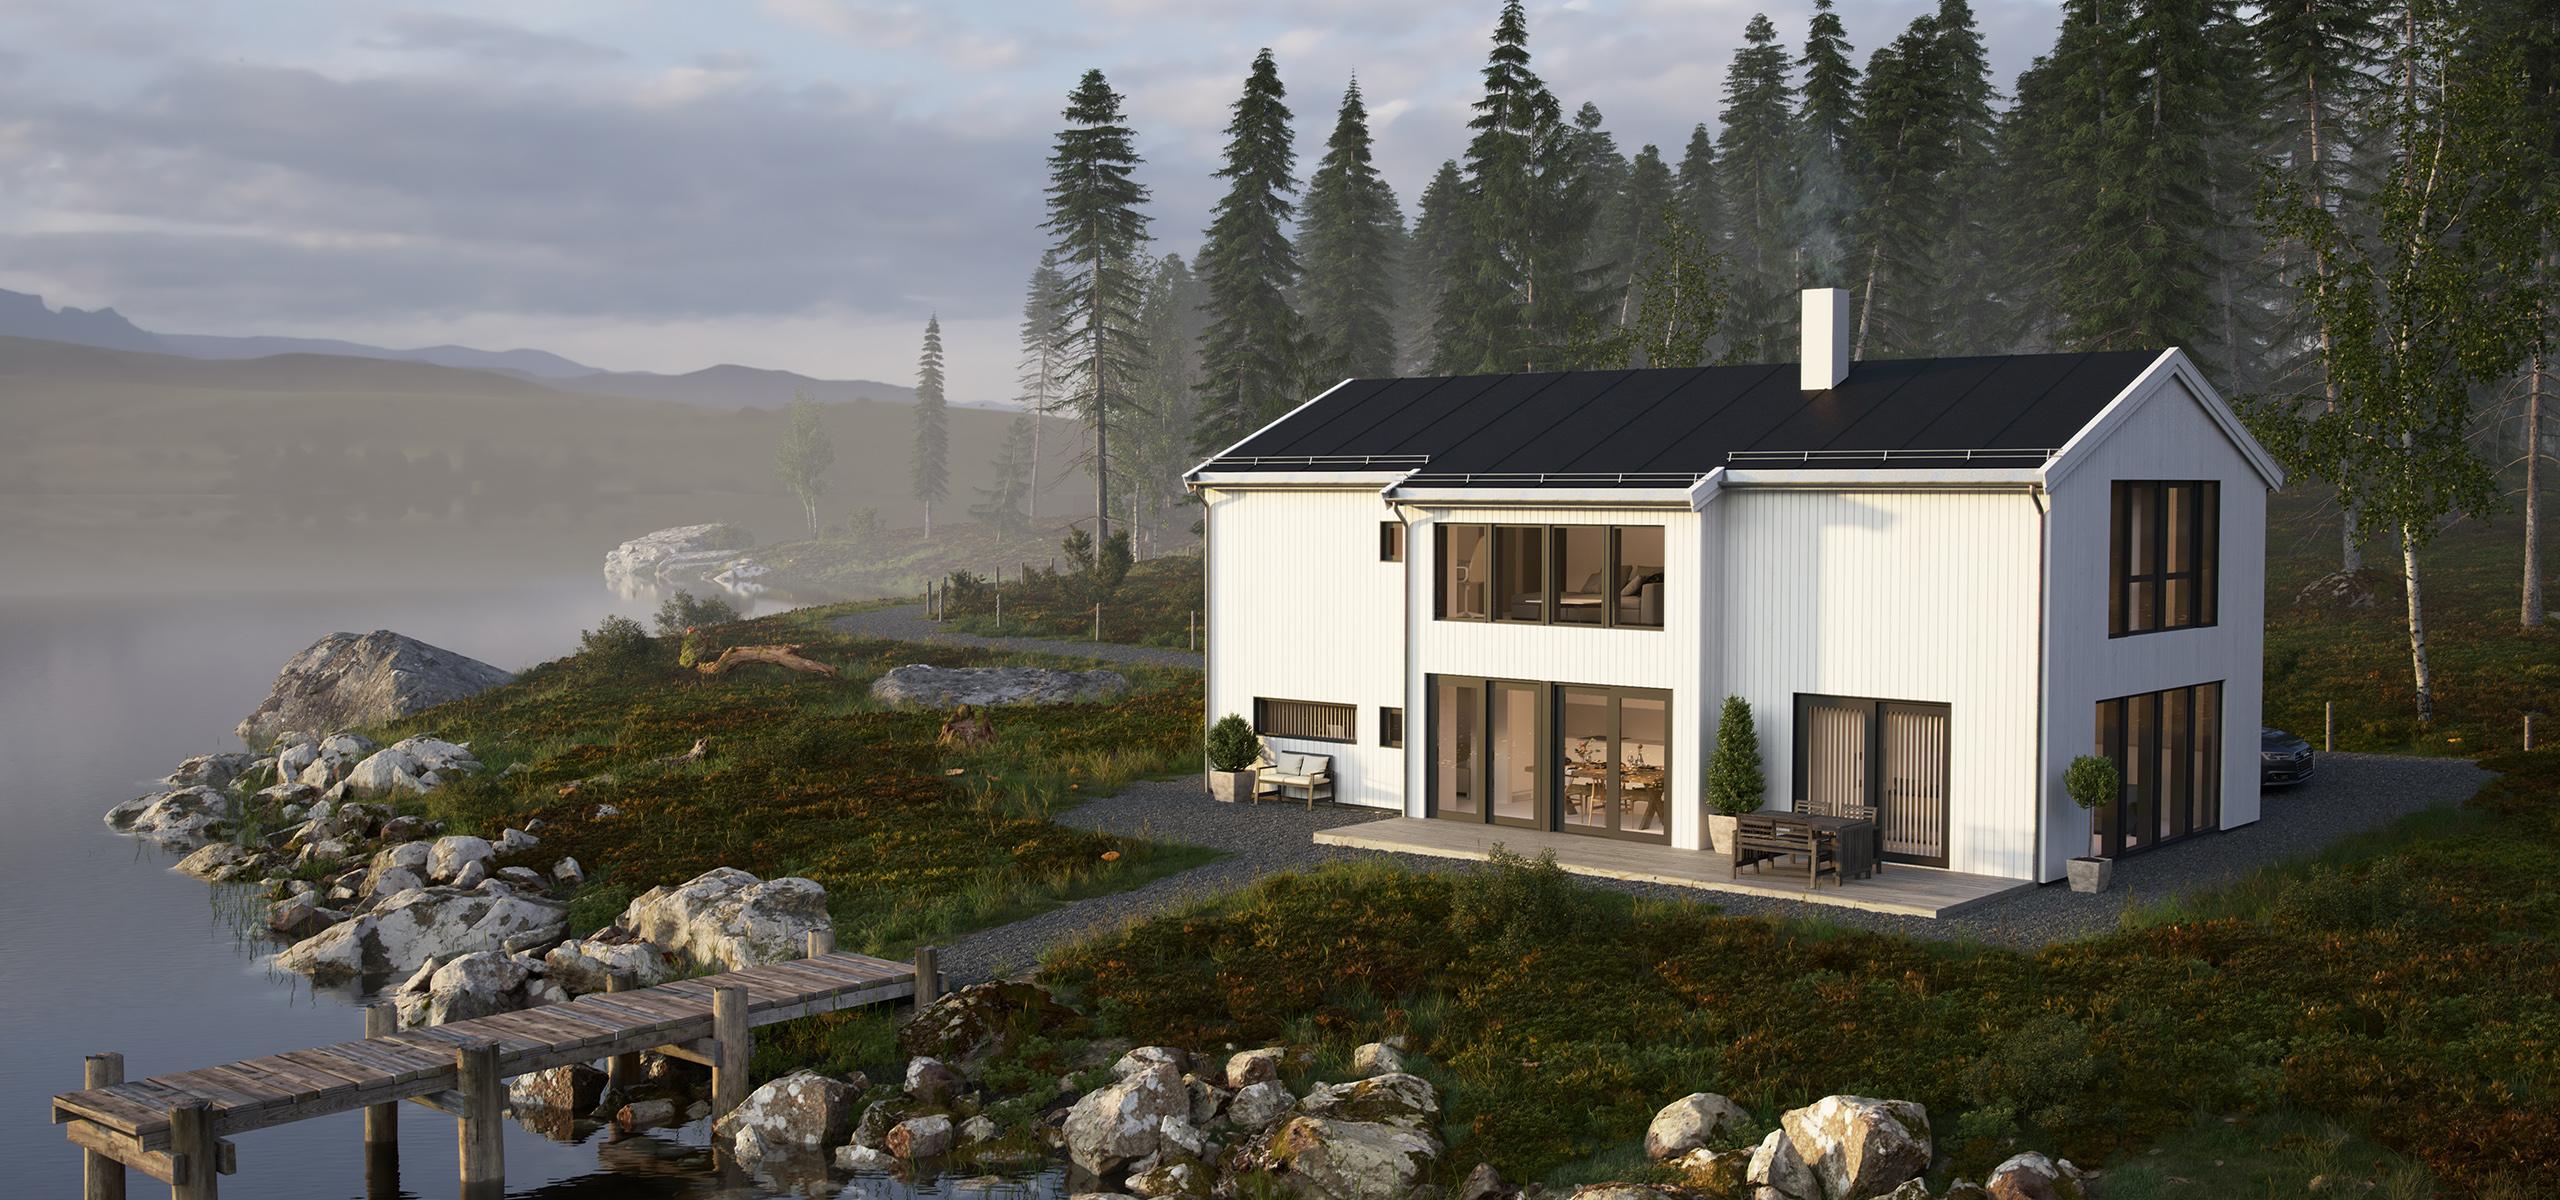 Bilde av ferdighusmodellen Mandel